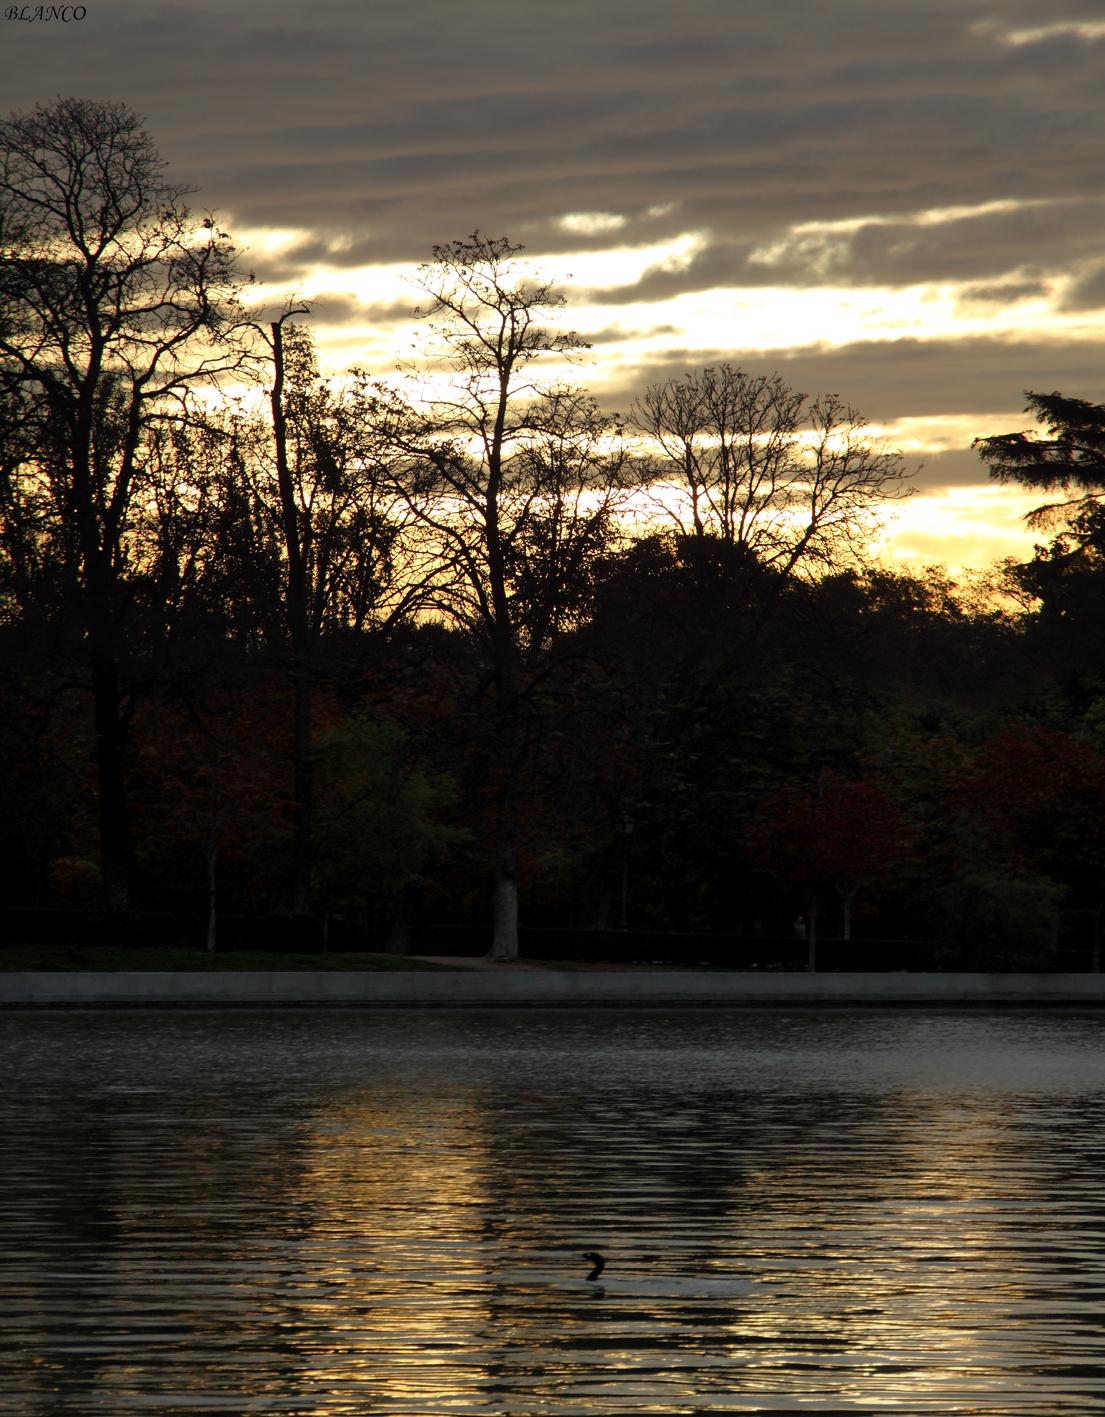 Madrid en foto parque del retiro estanque grande del retiro Estanque grande